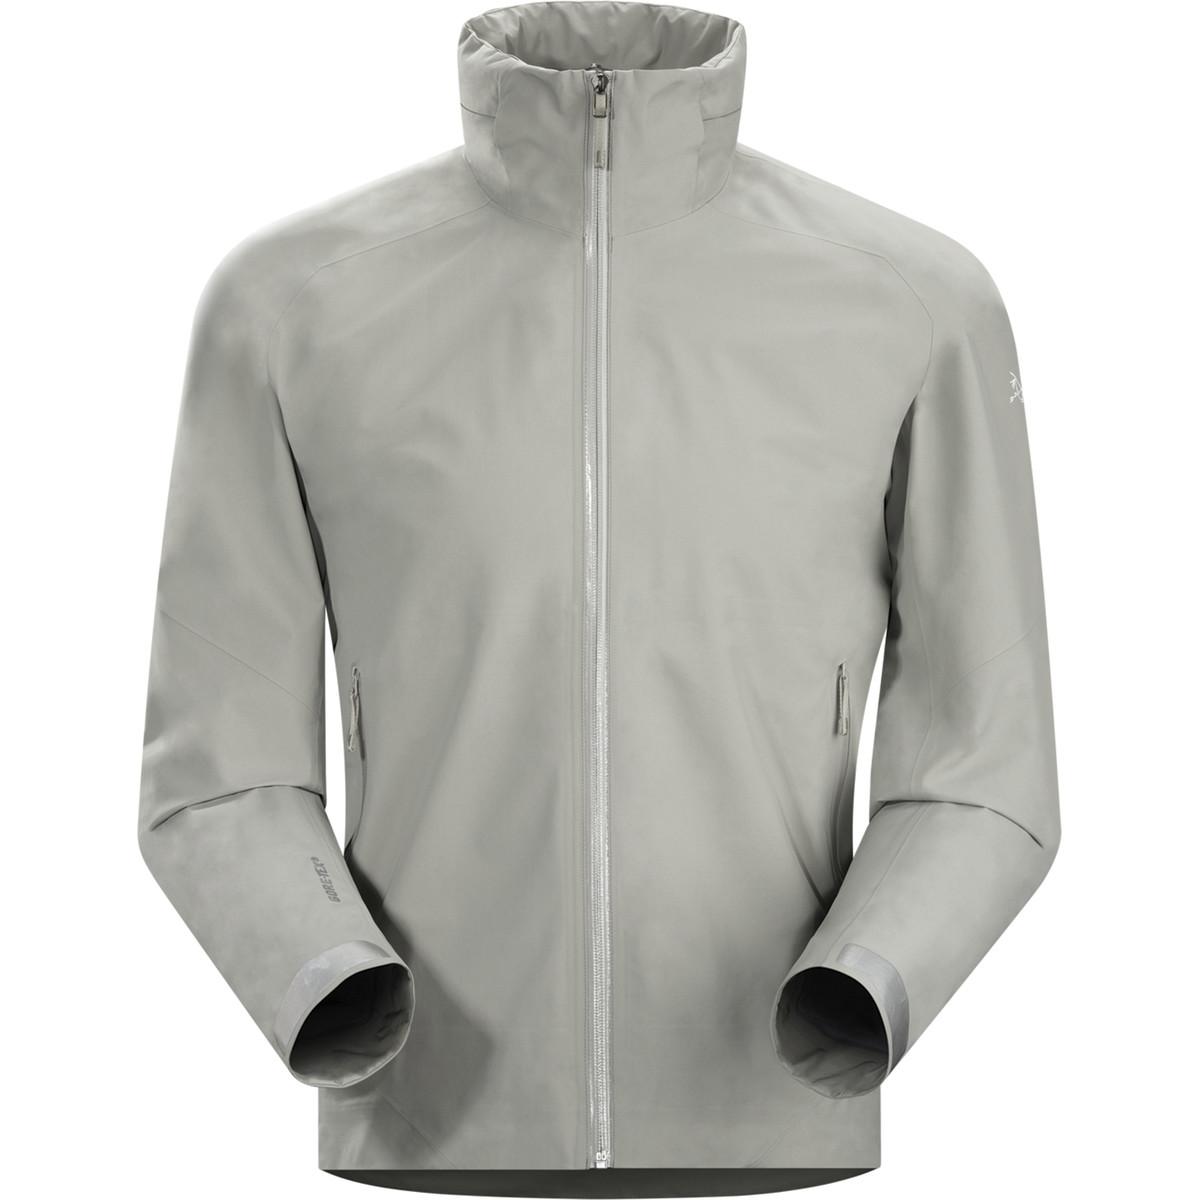 Arc'teryx A2B Commuter Hardshell Jacket